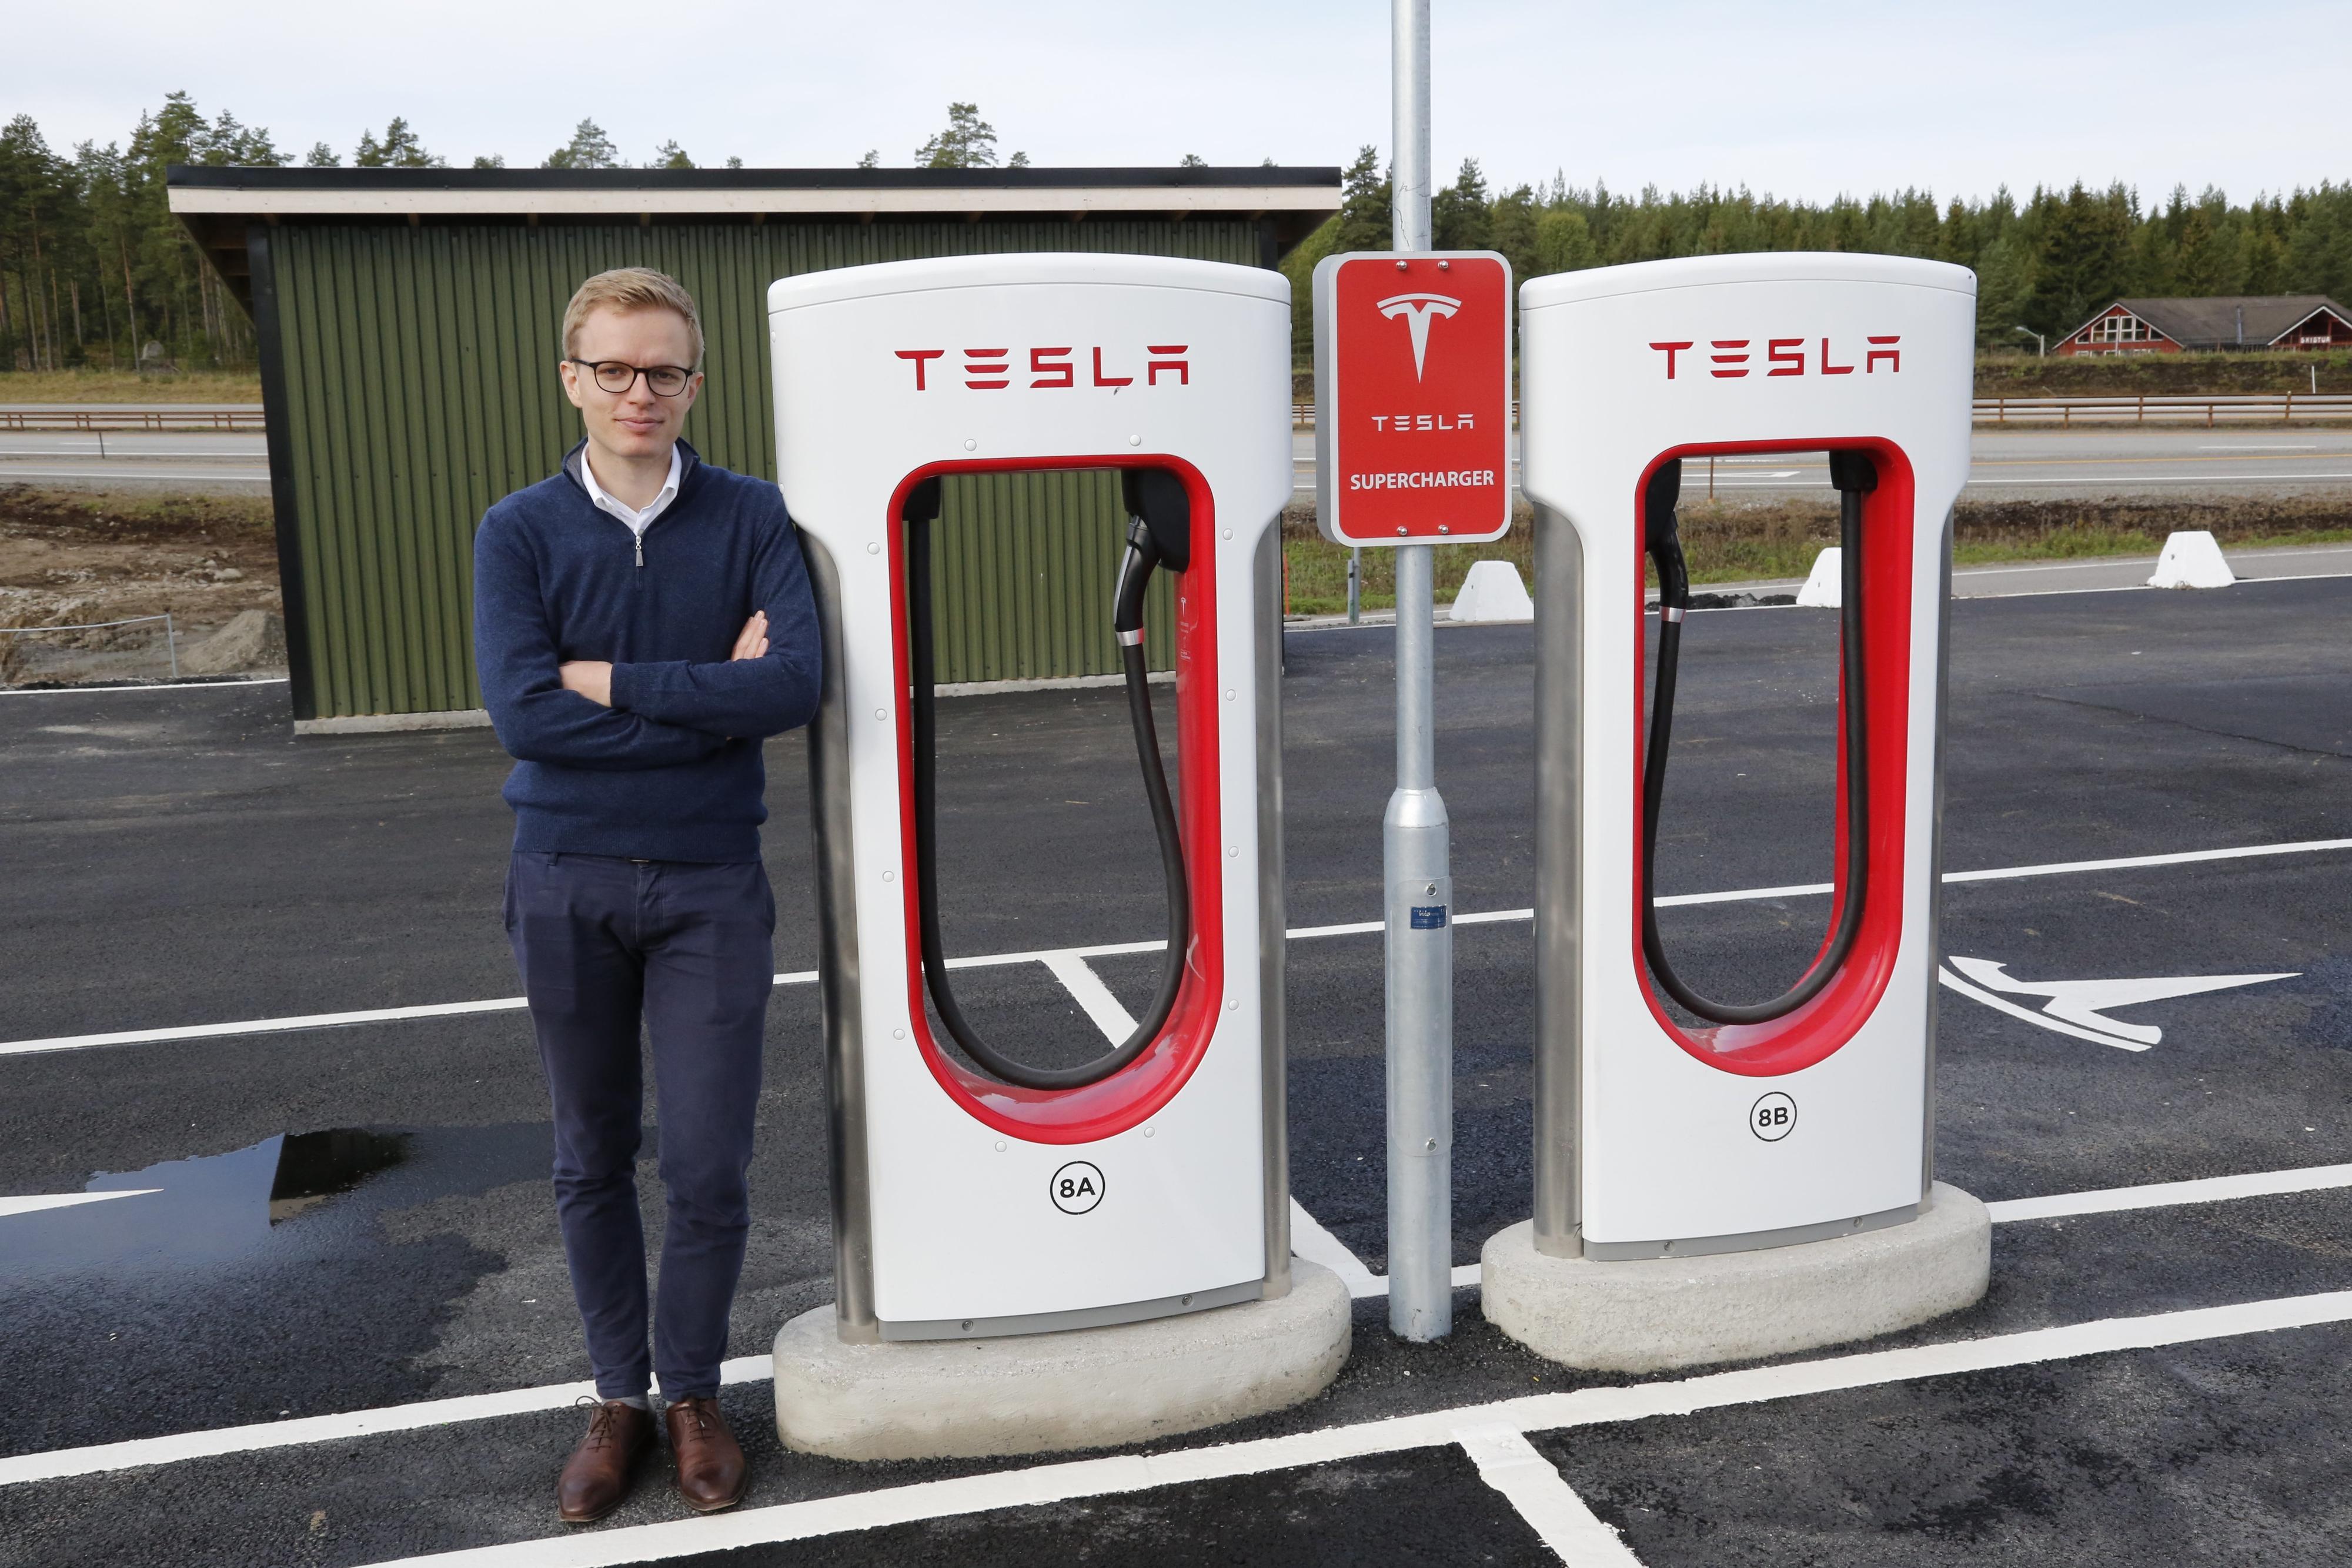 Teslas kommunikasjonssjef Even Sandvold Roland ønsker ikke å kommentere batteribegrensningen utover en kommentar Tesla ga til Electrek i juni.